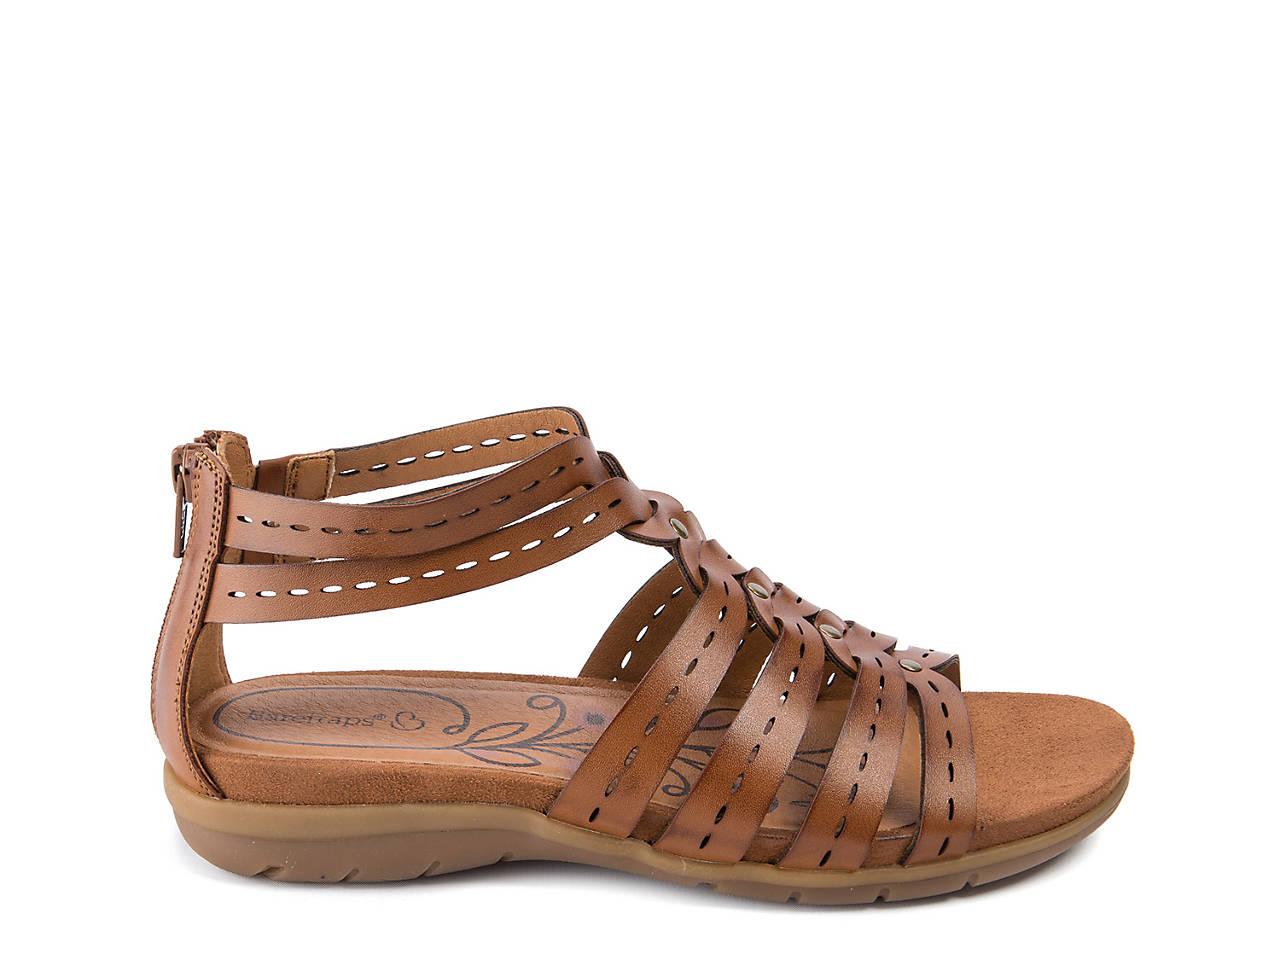 8f61fe186bd Bare Traps Kaiser Sandal Women s Shoes